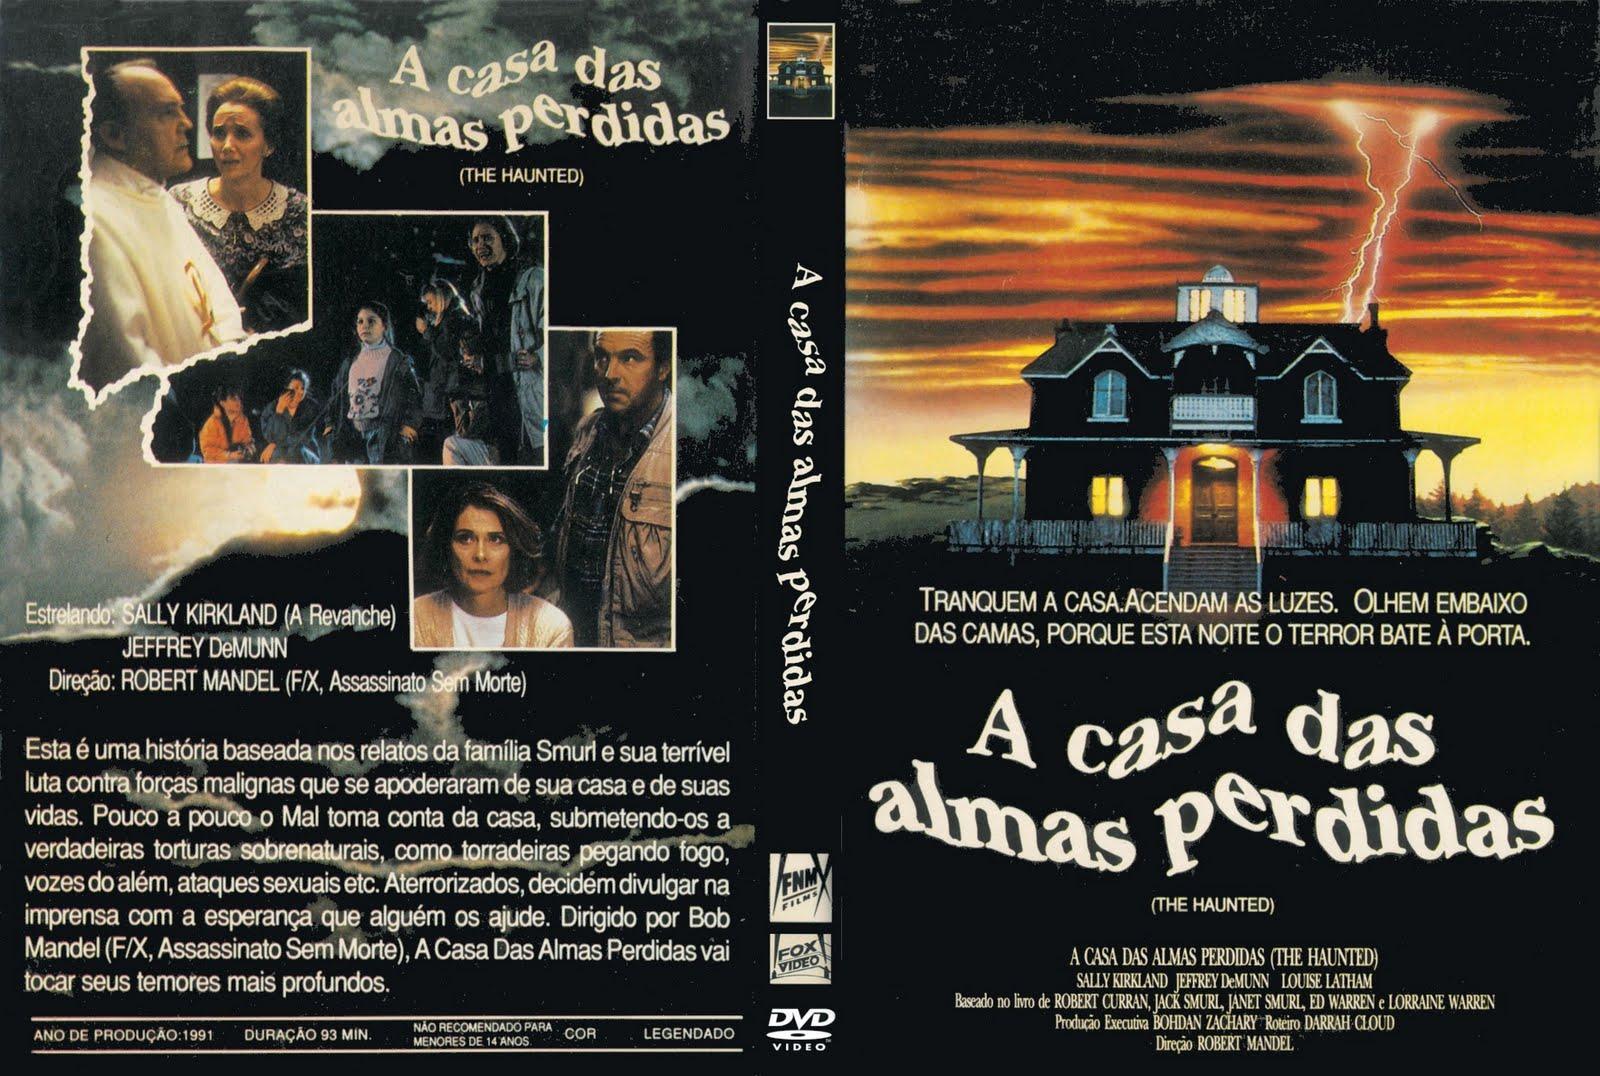 Filme - A casa das almas perdidas